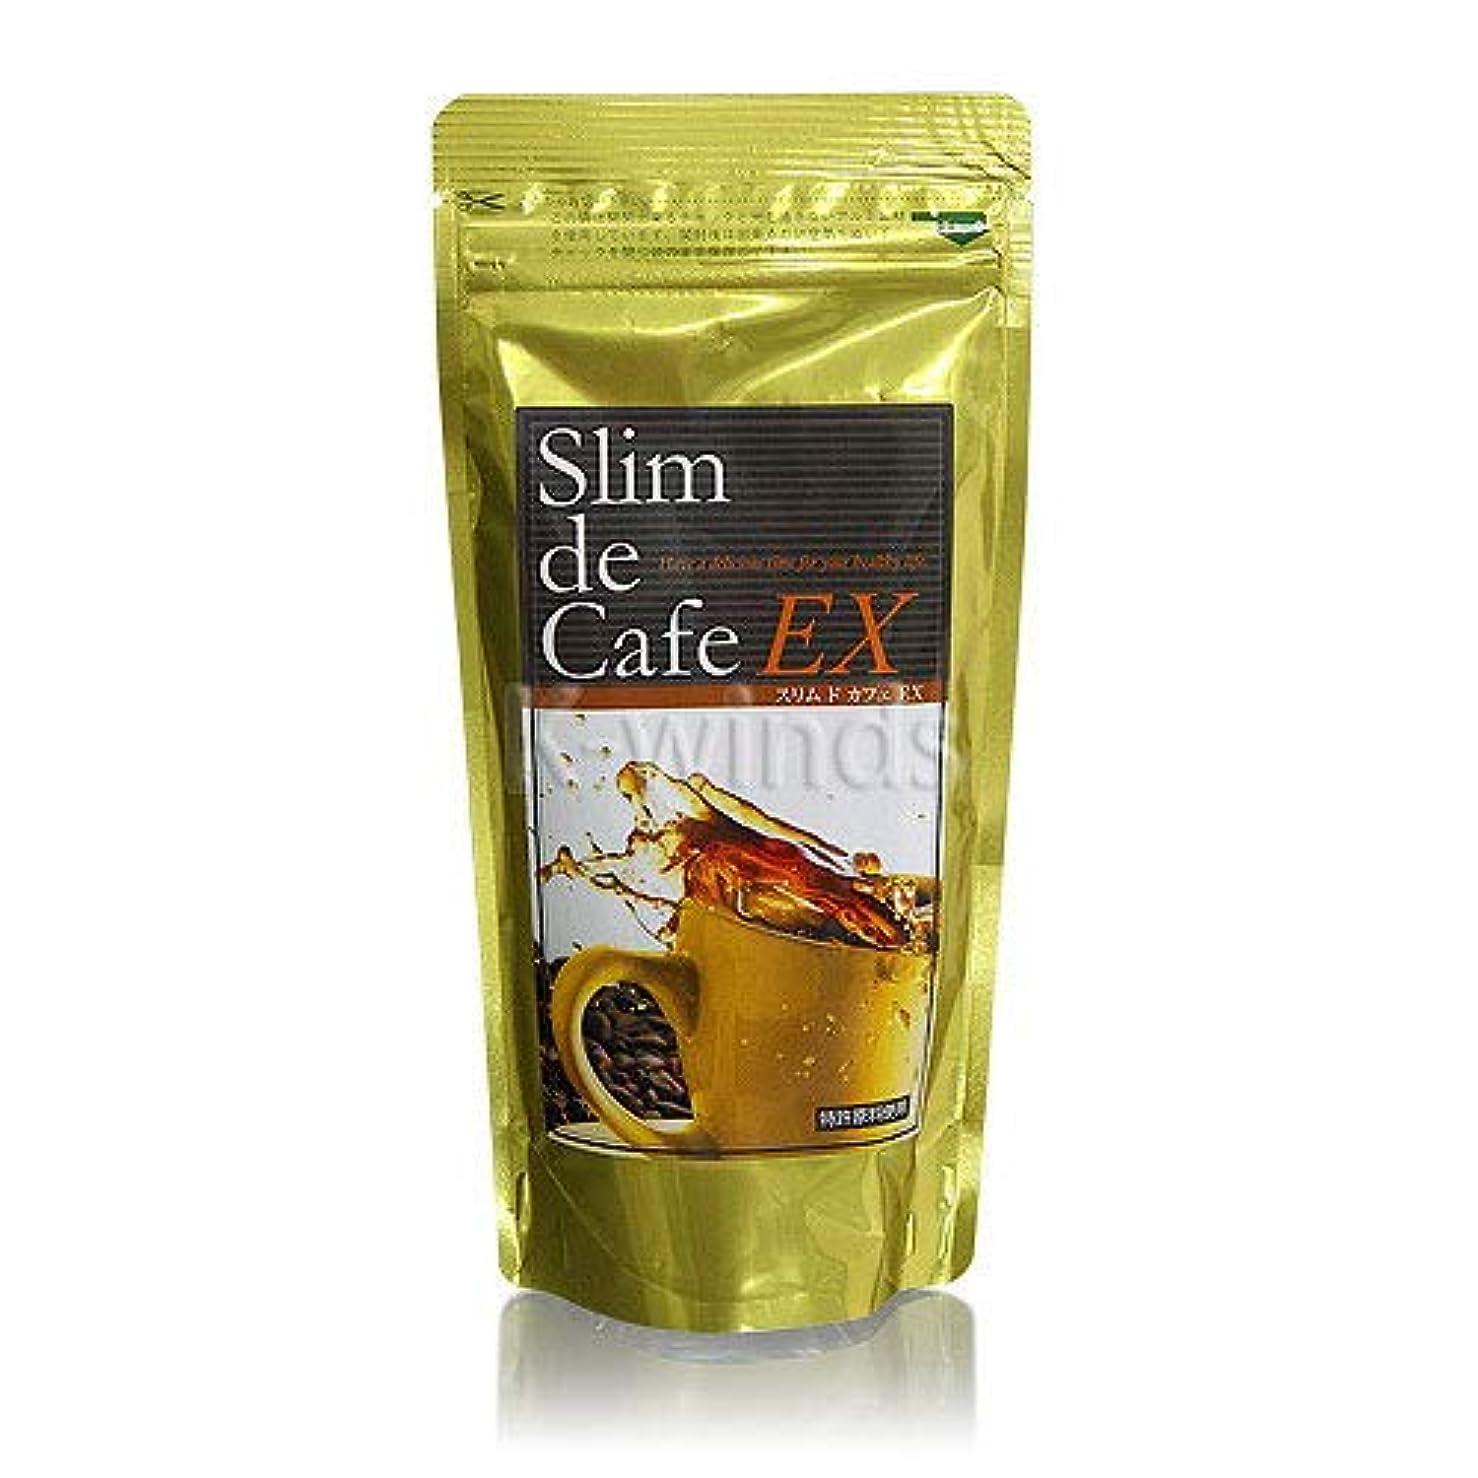 夕暮れ漂流オーガニックスリムドカフェ EX (コーヒー粉末)100g 3袋セット